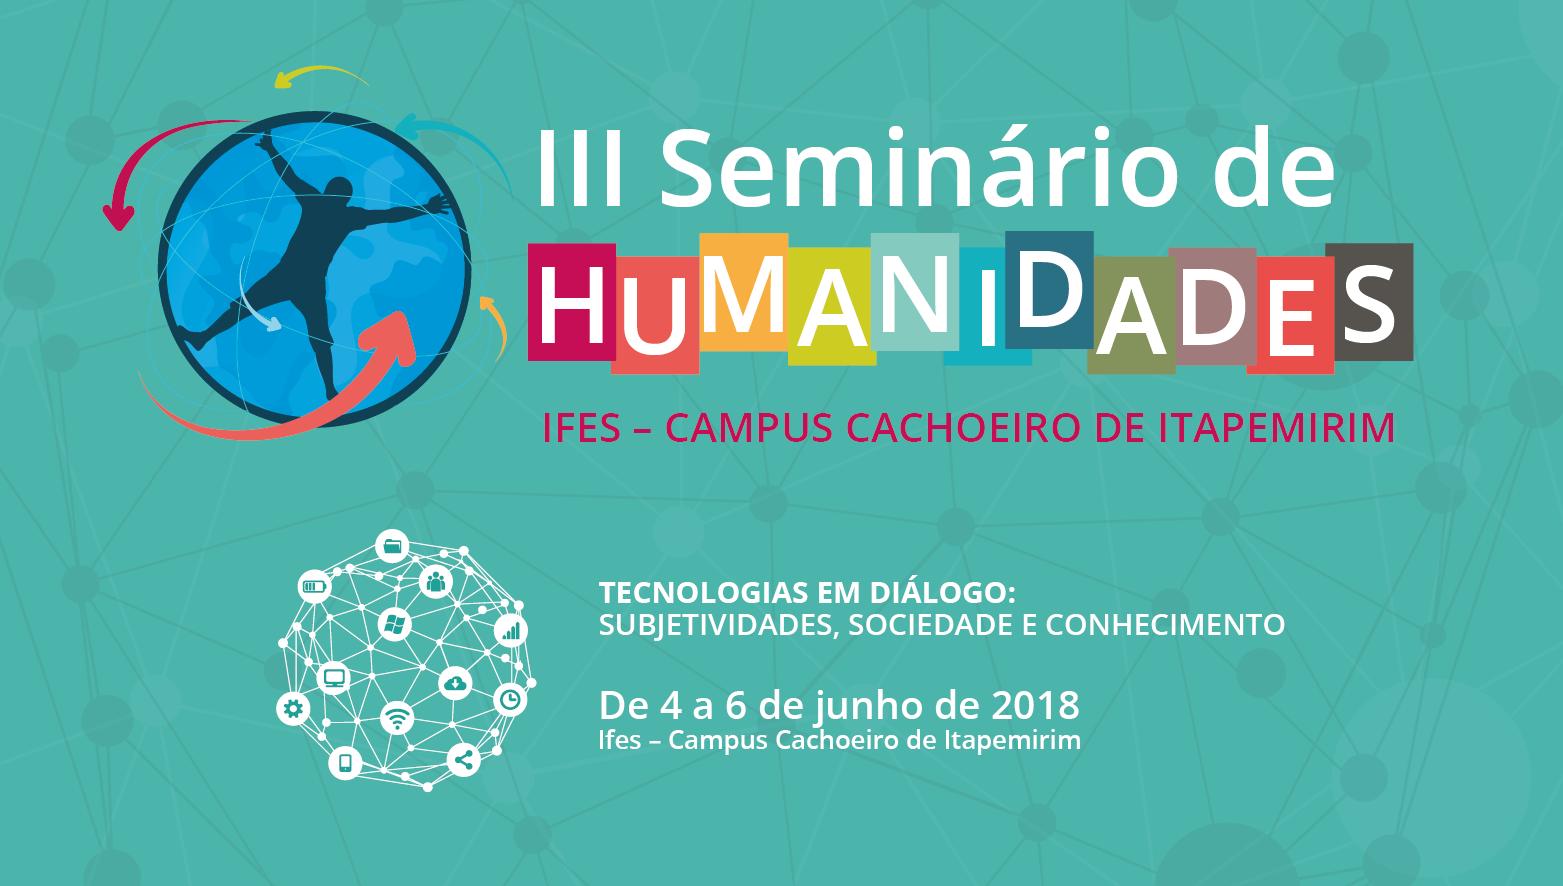 Abertas as inscrições para a 3° Edição do Seminário de Humanidades do Campus Cachoeiro